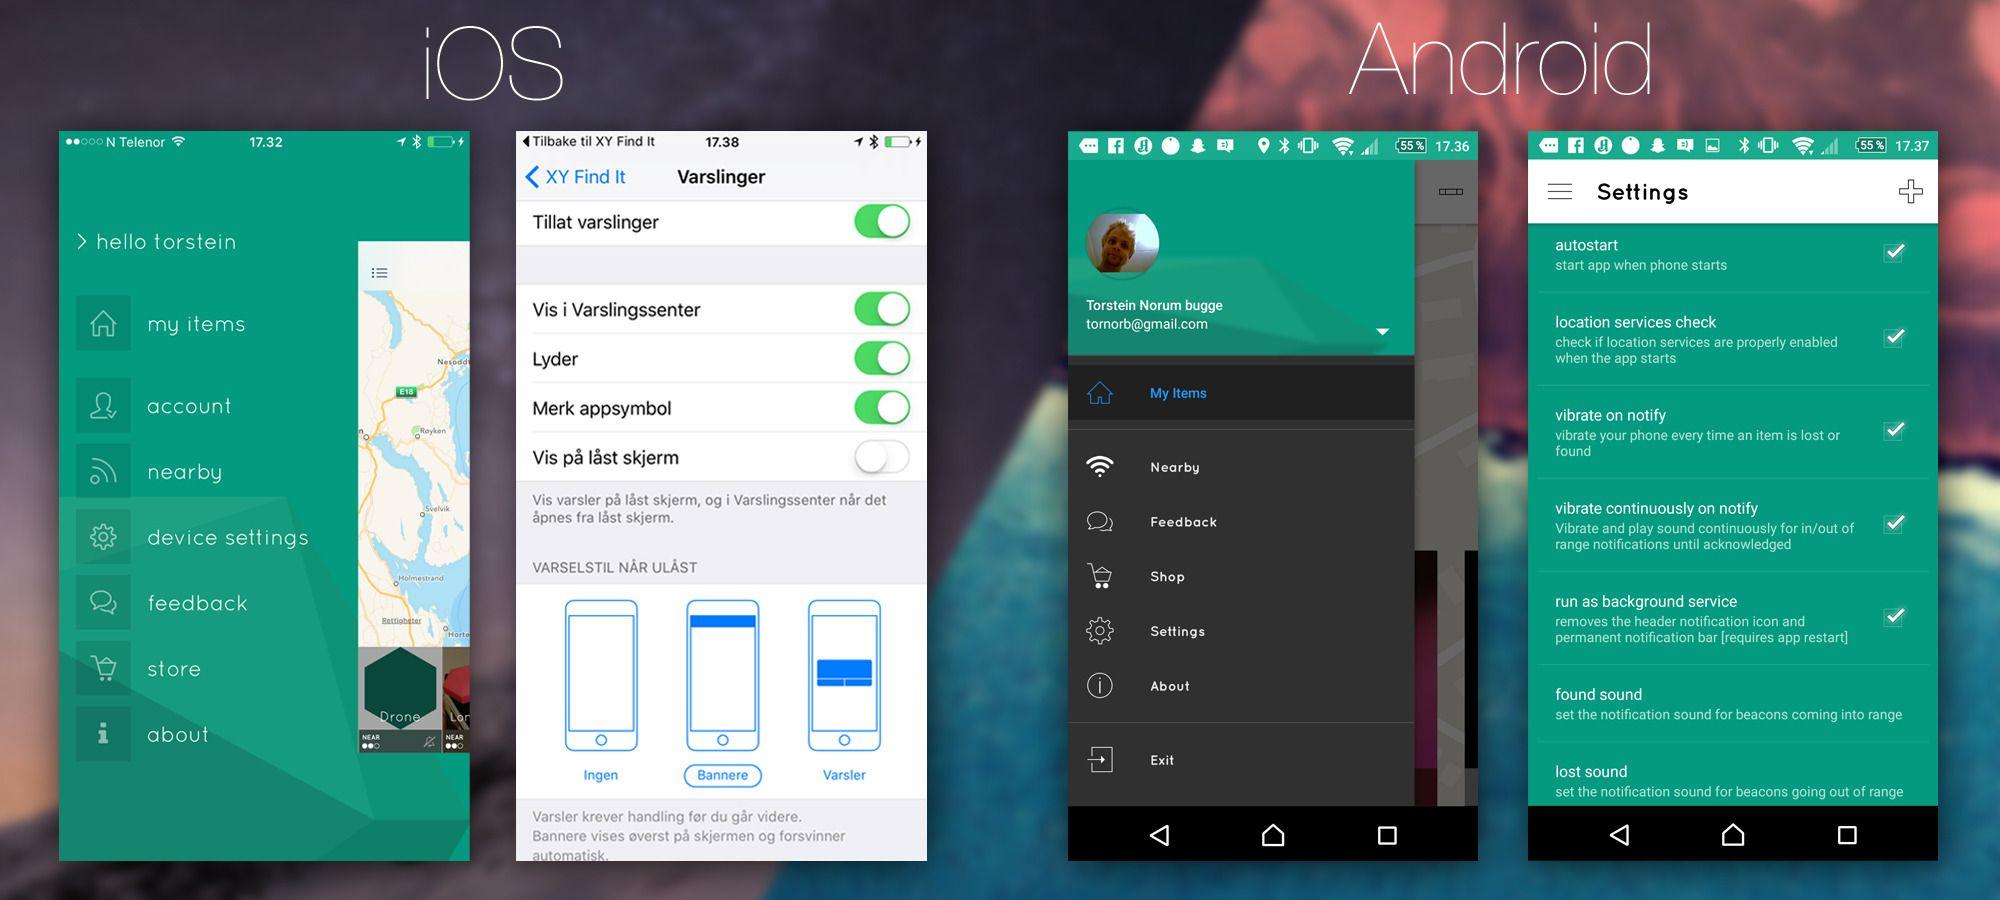 Designet i iOS-appen og Android-appen til XY Find It er ganske forskjellig. Vi er litt ambivalente til hvilken innstillingsmeny som er dårligst. I Android er den rotete, men i iOS blir du kastet ut i selve telefonens meny. Begge delene er dårlig gjennomførte løsninger.